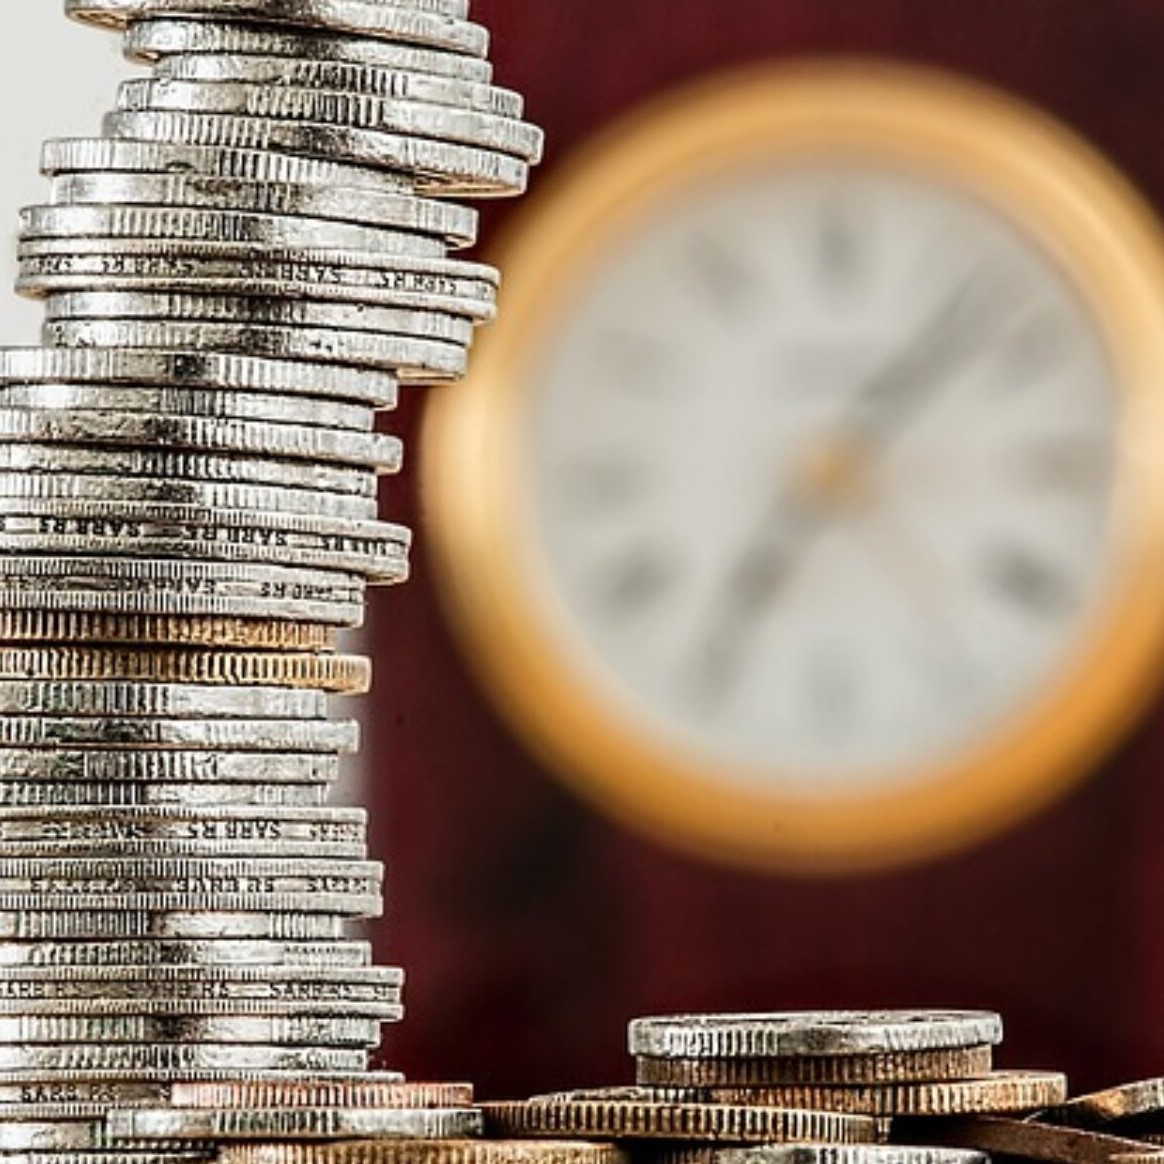 Tfr 2020, come funziona la liquidazione in base alle leggi e contratti nazionali vigenti